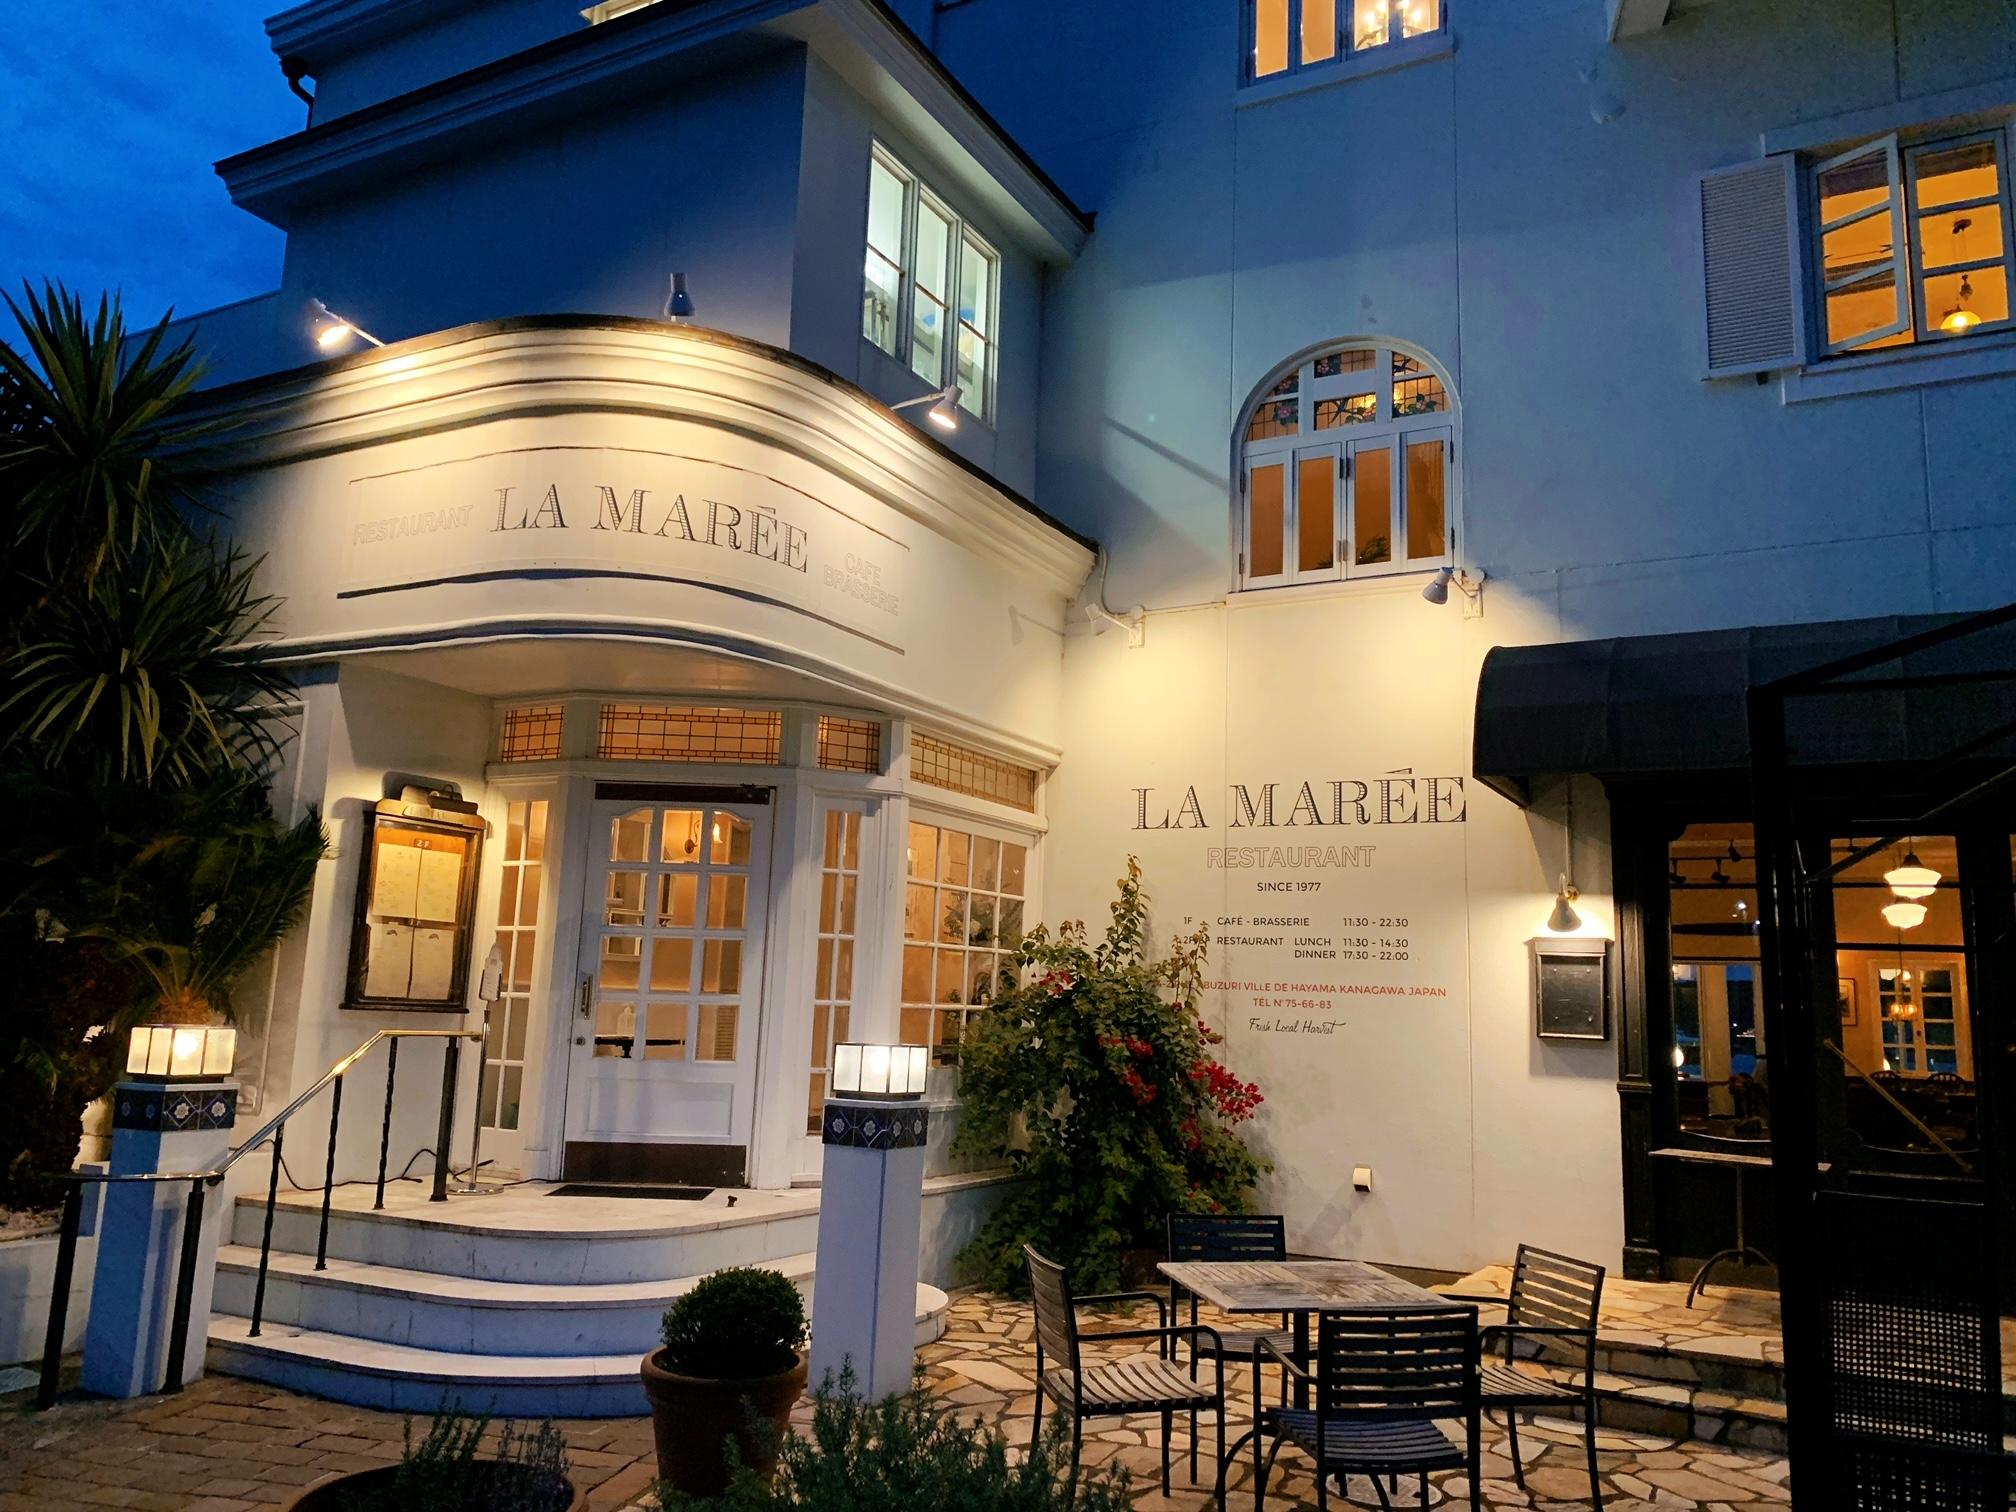 【女子旅】《海を一望する老舗の洋館レストラン》で味わうフランス風創作海辺料理♡_1